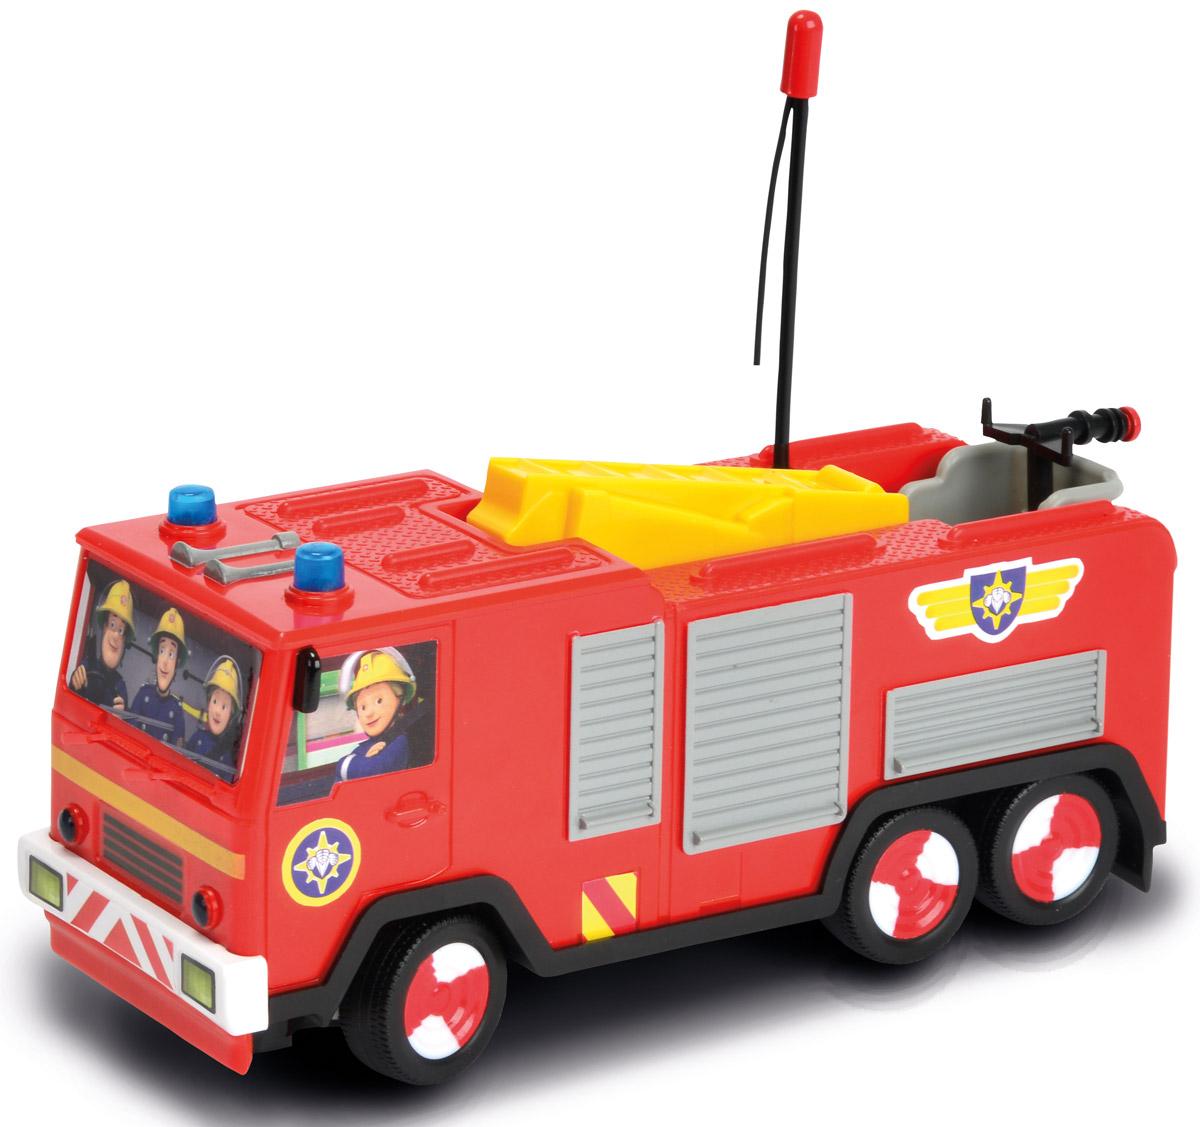 """Пожарная машина Dickie Toys """"Turbo Jupiter"""" на радиоуправлении представлена в виде транспортного средства знаменитого Пожарного Сэма, который является героем одноименного британского мультсериала. Транспорт отличается стильным и привлекательным дизайном, ярким цветом кузова и кабины. Помимо этого, нельзя не упомянуть о декоративных особенностях, которые представлены в виде наклеек. Но главным интересным элементом пожарной машины является возможность управления ею, используя специальный пульт, а также реалистичные световые эффекты. Ребенок сможет разыгрывать разнообразные сюжеты, тренируя воображение. Подарите вашему малышу возможность почувствовать себя настоящим водителем. Для работы пожарной машины необходимо купить 3 батарейки напряжением 1,5V типа АА (не входят в комплект). Для работы пульта управления необходимо купить 3 батарейки напряжением 1,5V типа AАА (не входят в комплект). Пульт управления работает на частоте 27 MHz."""